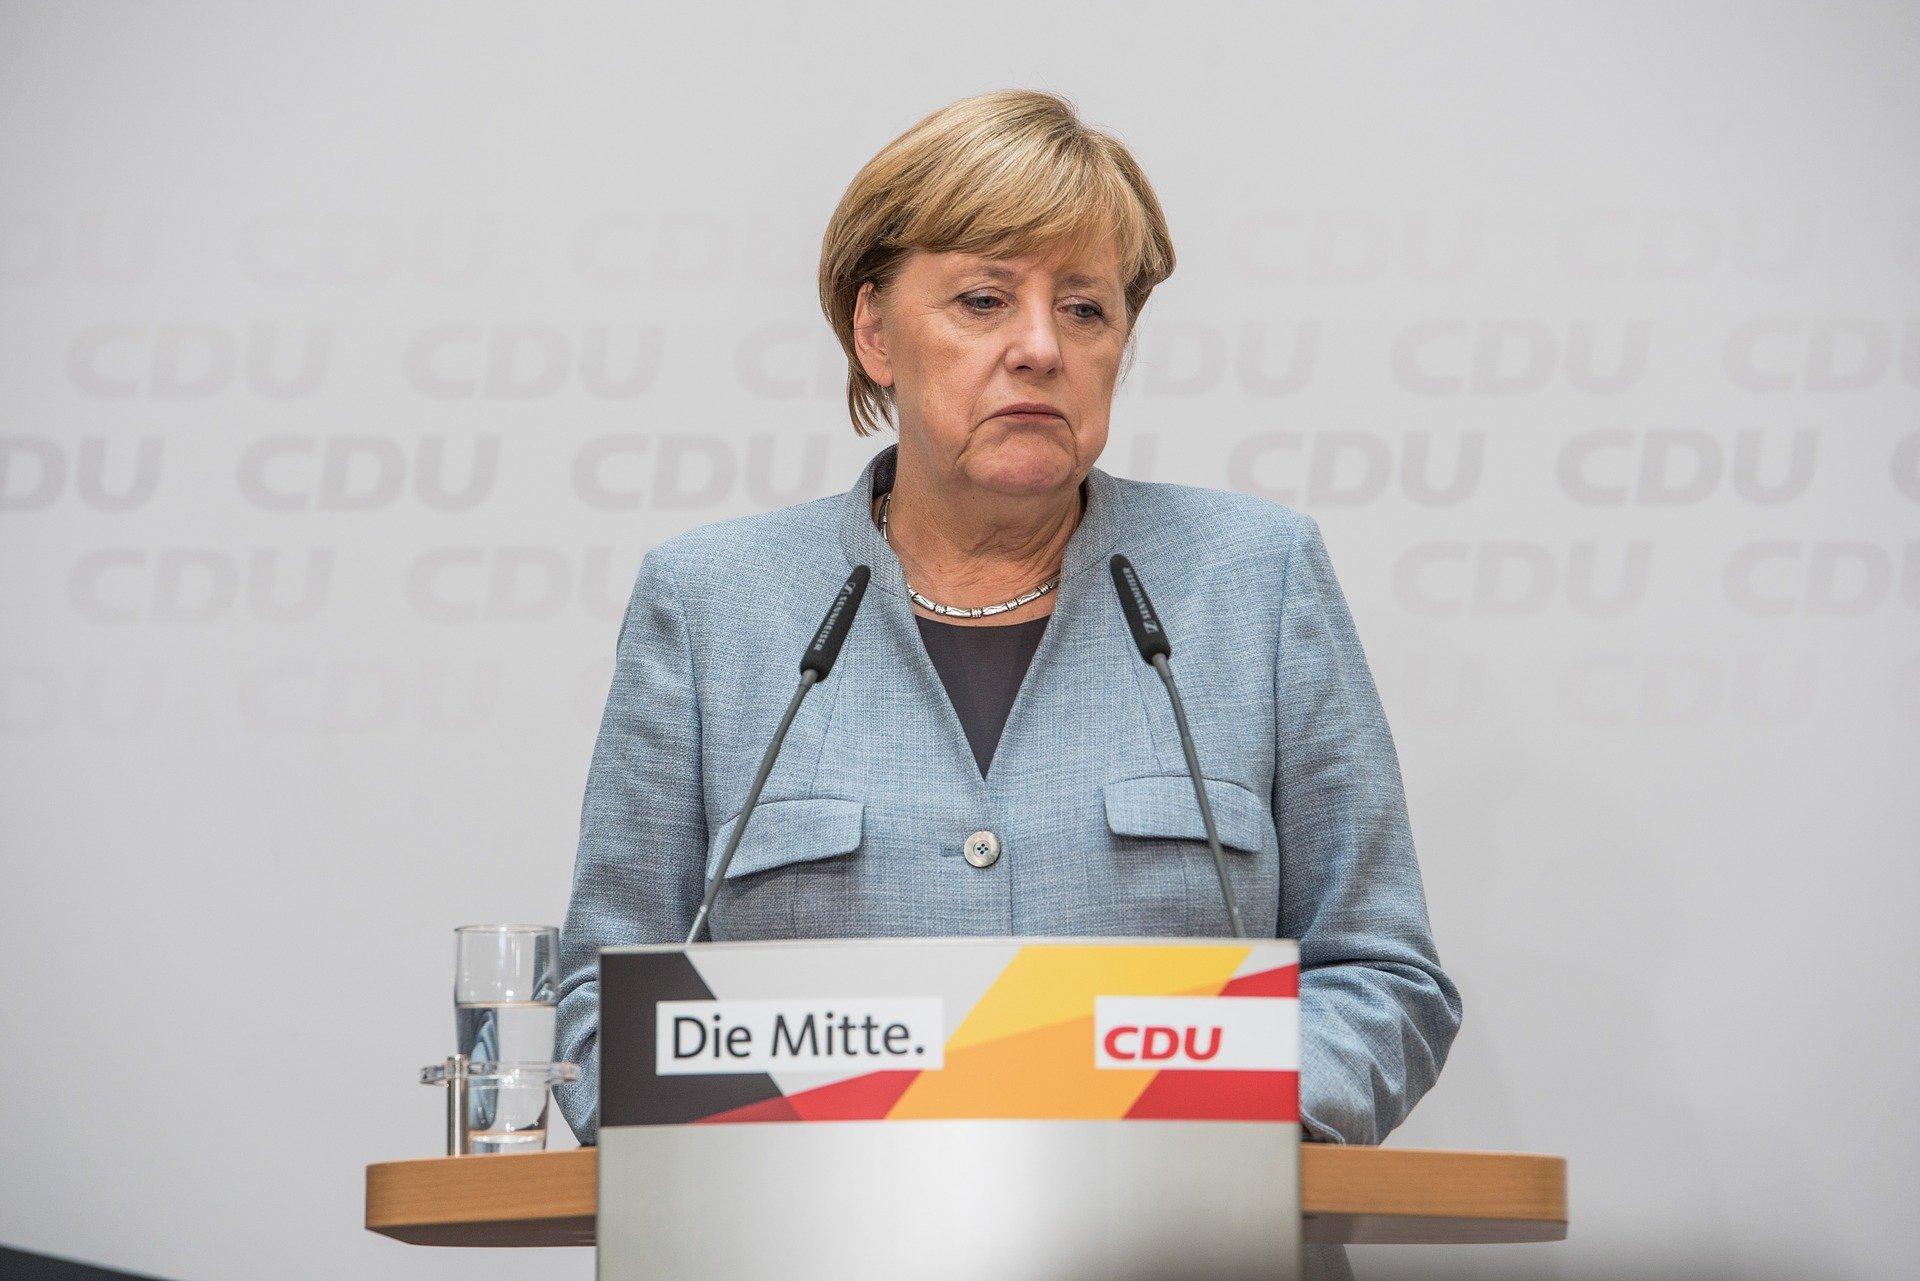 Angela Merkel: Das sind ihre Erwartungen an Europas Zukunft